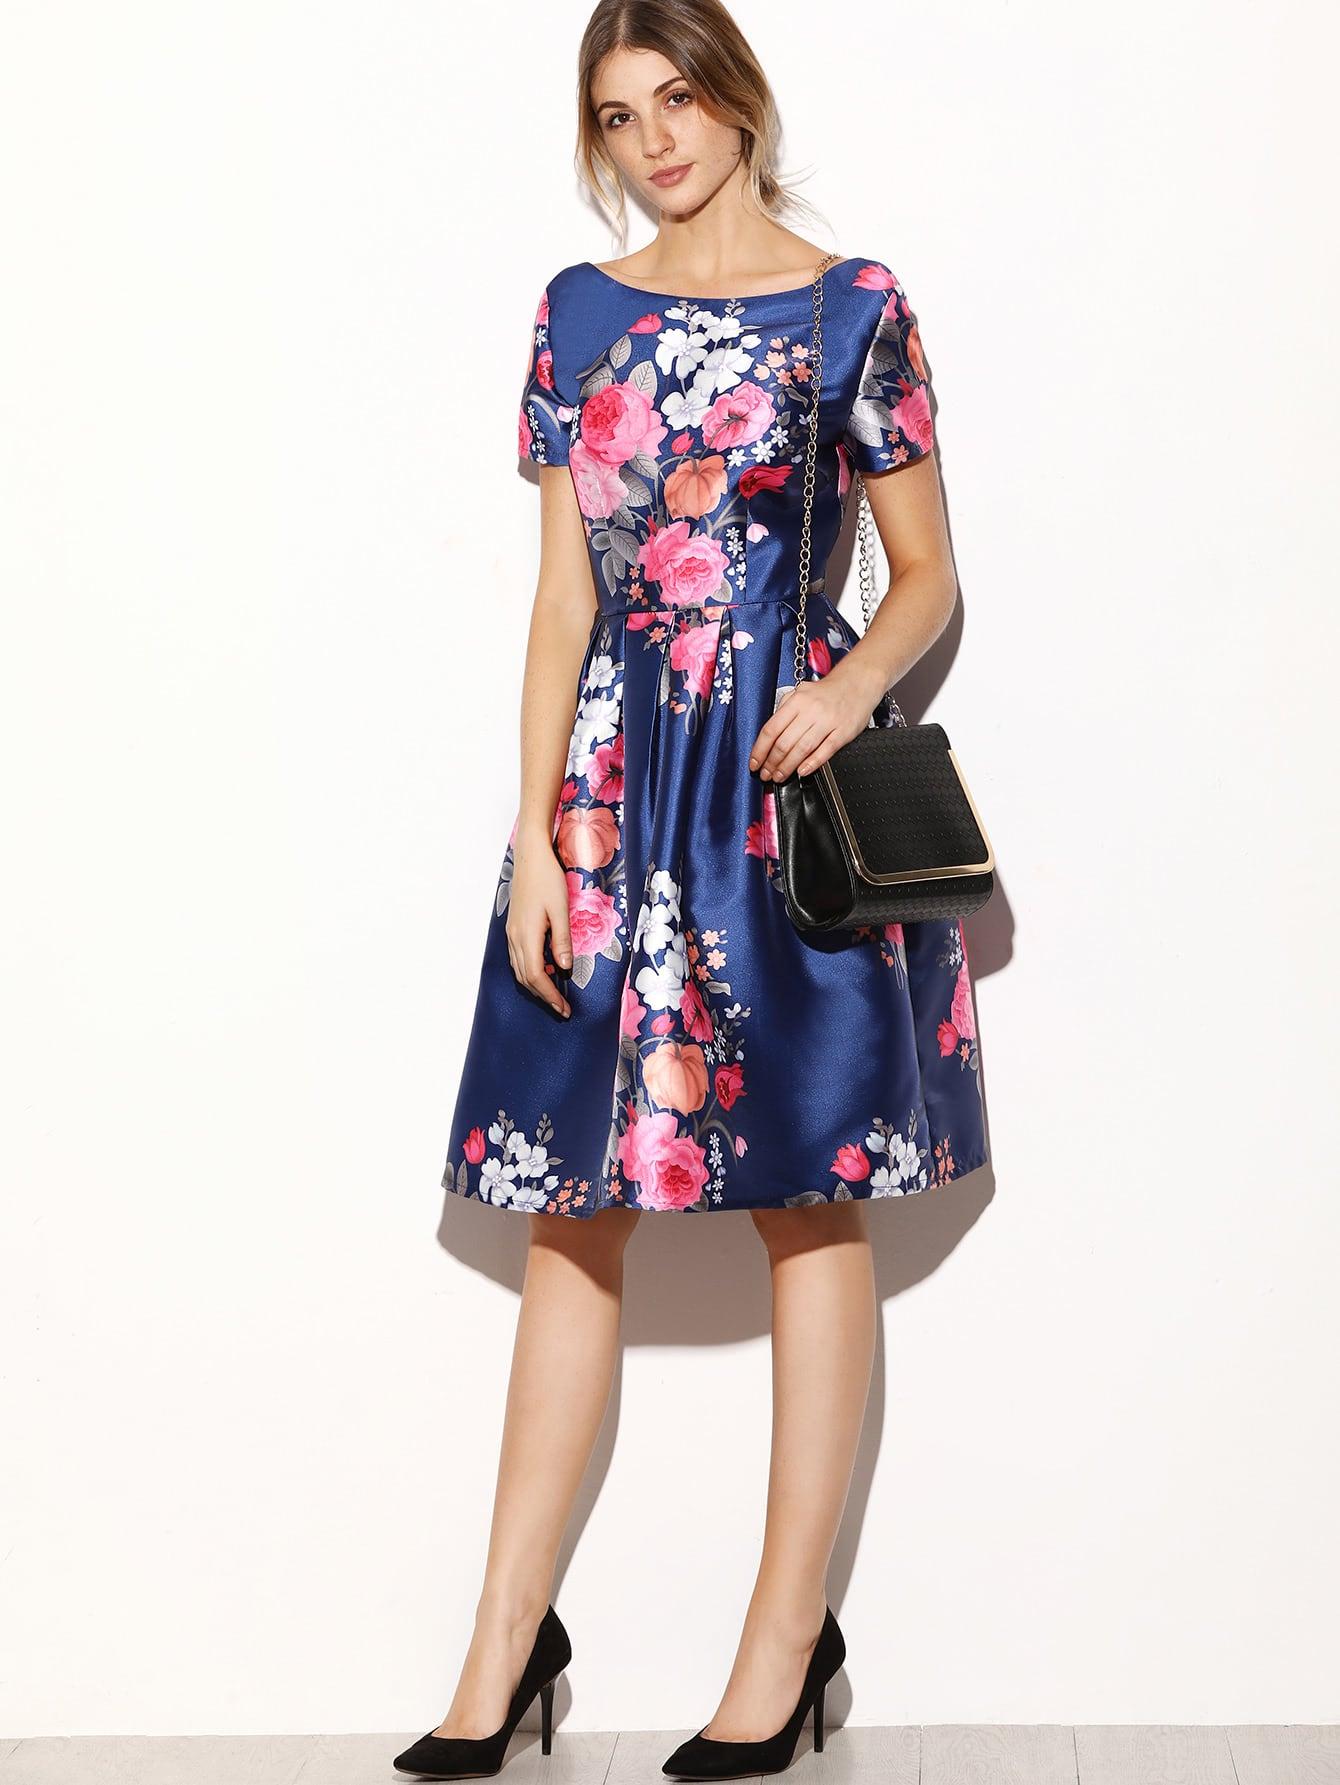 dress161103707_2